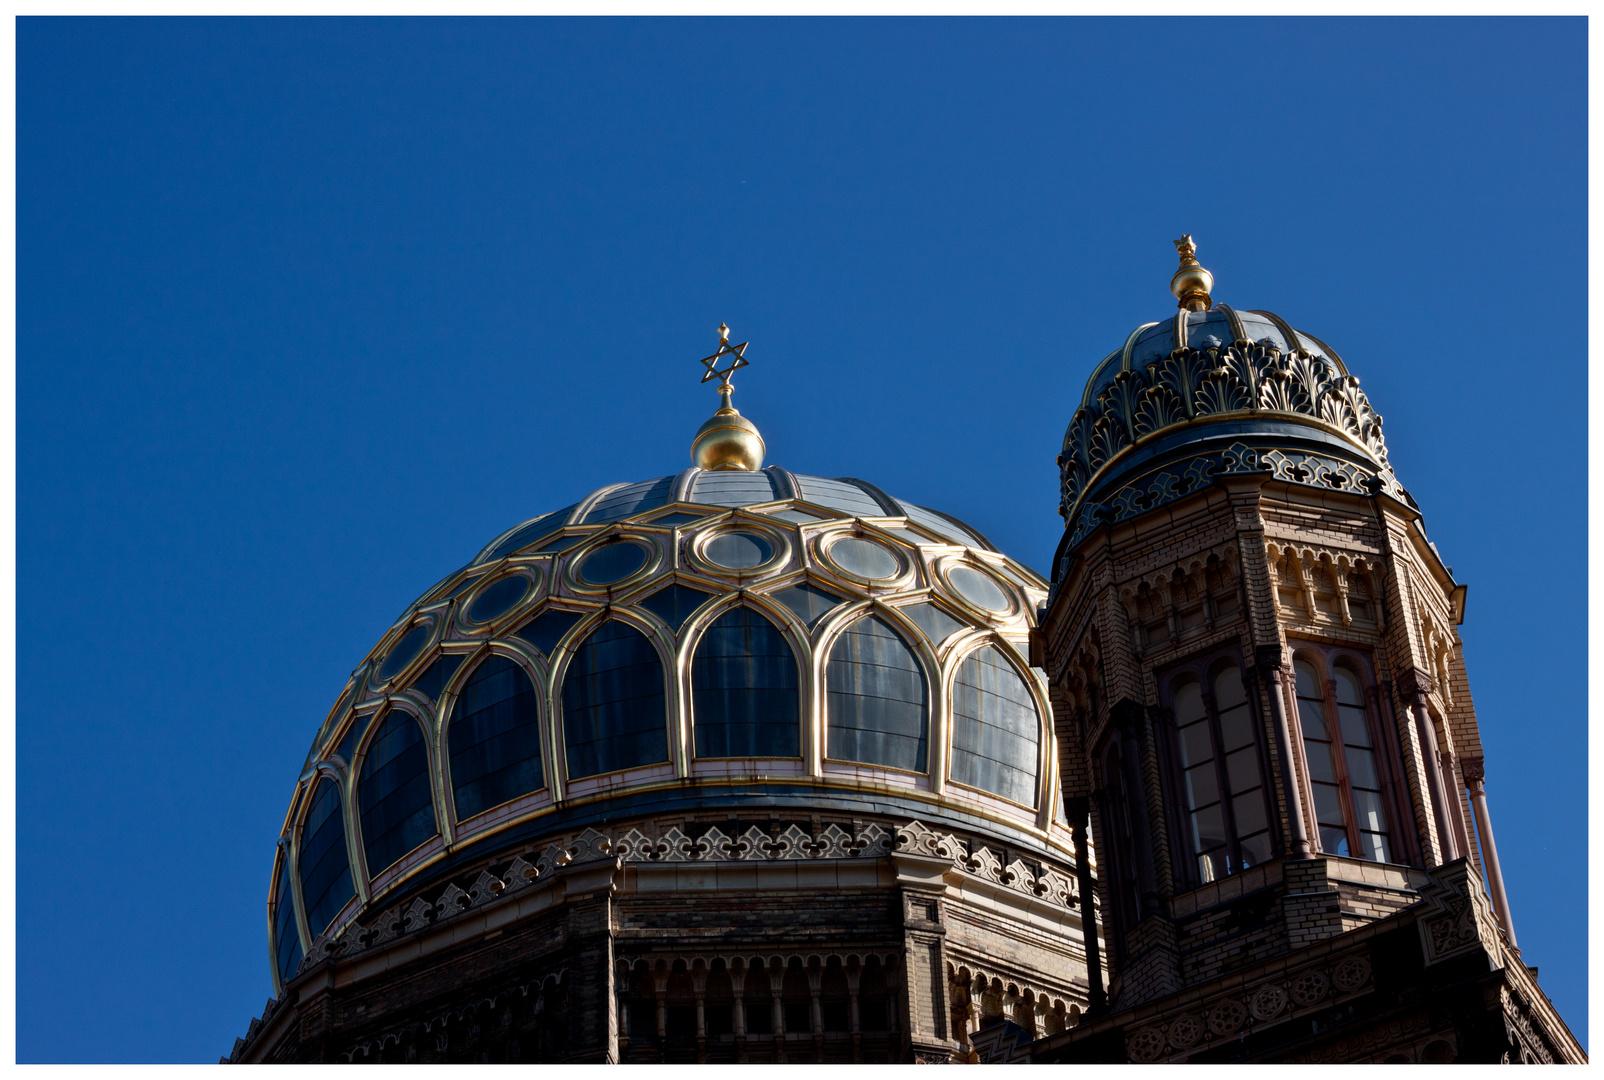 Kuppel der neuen Synagoge in Berlin-Mitte